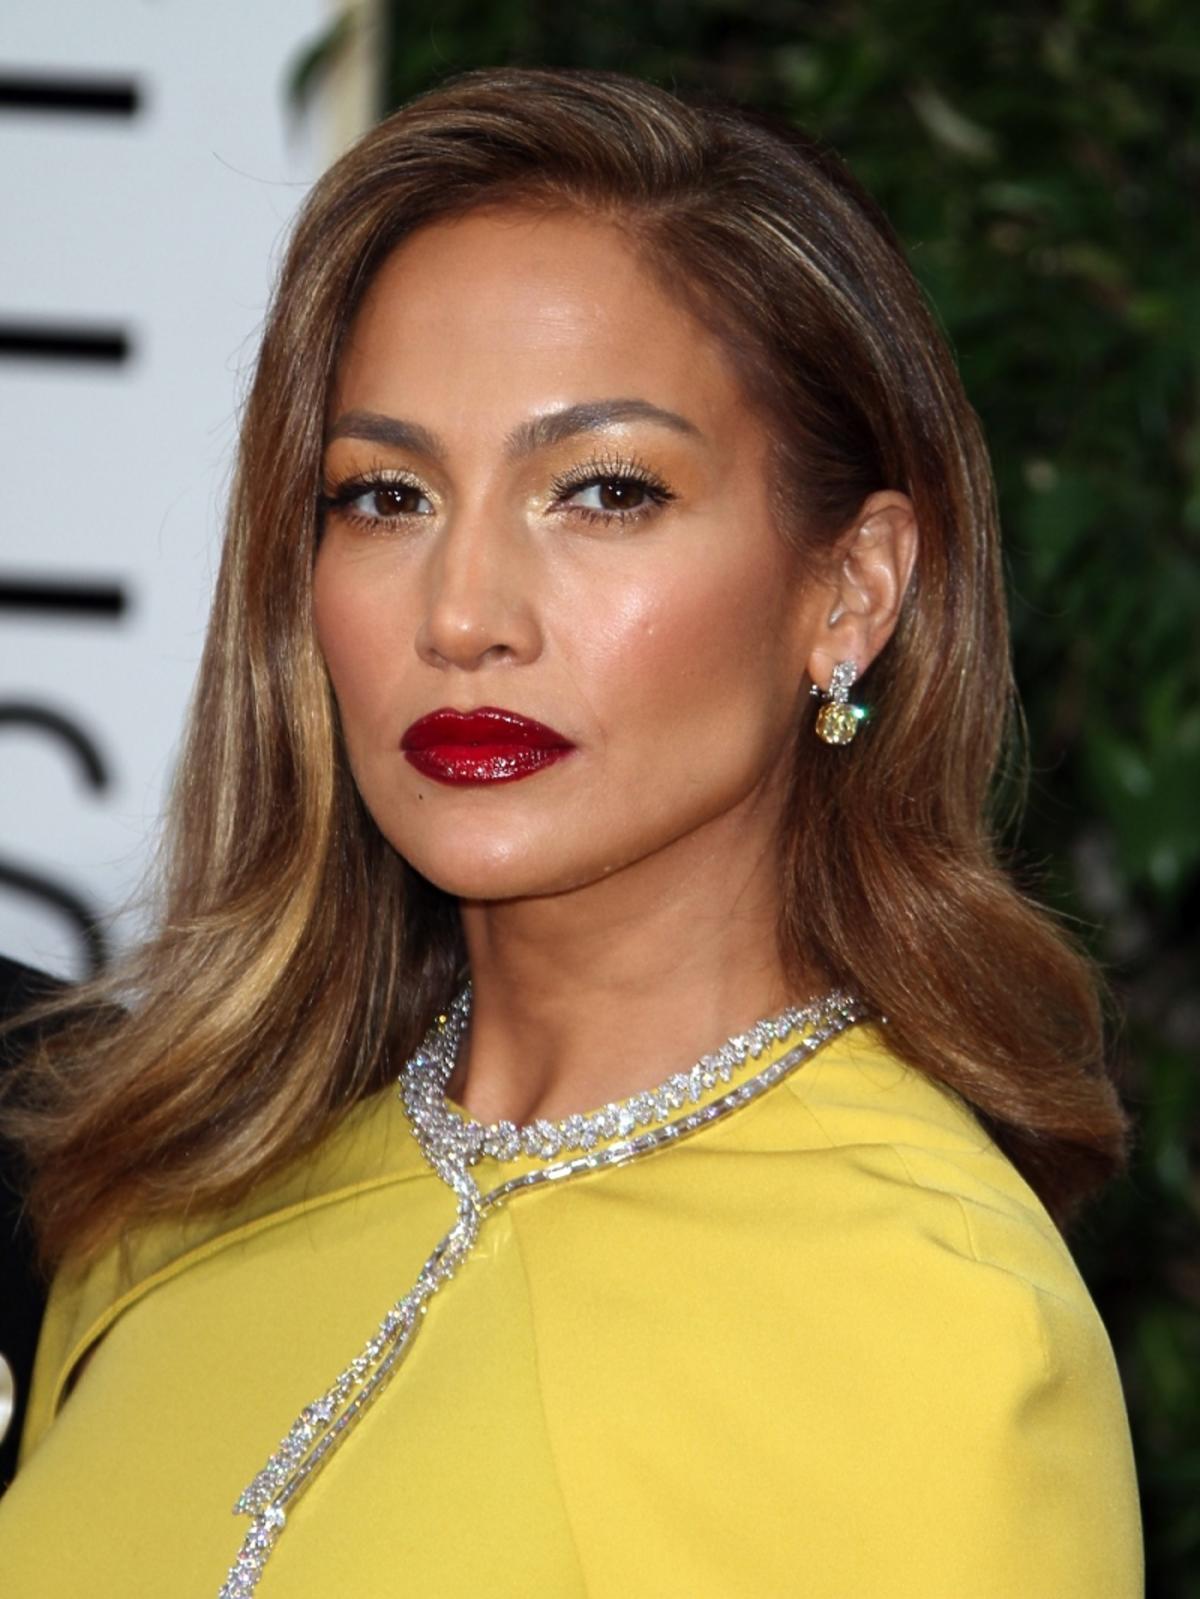 Jennifer Lopez w żółtej sukni z diamentową biżuterią